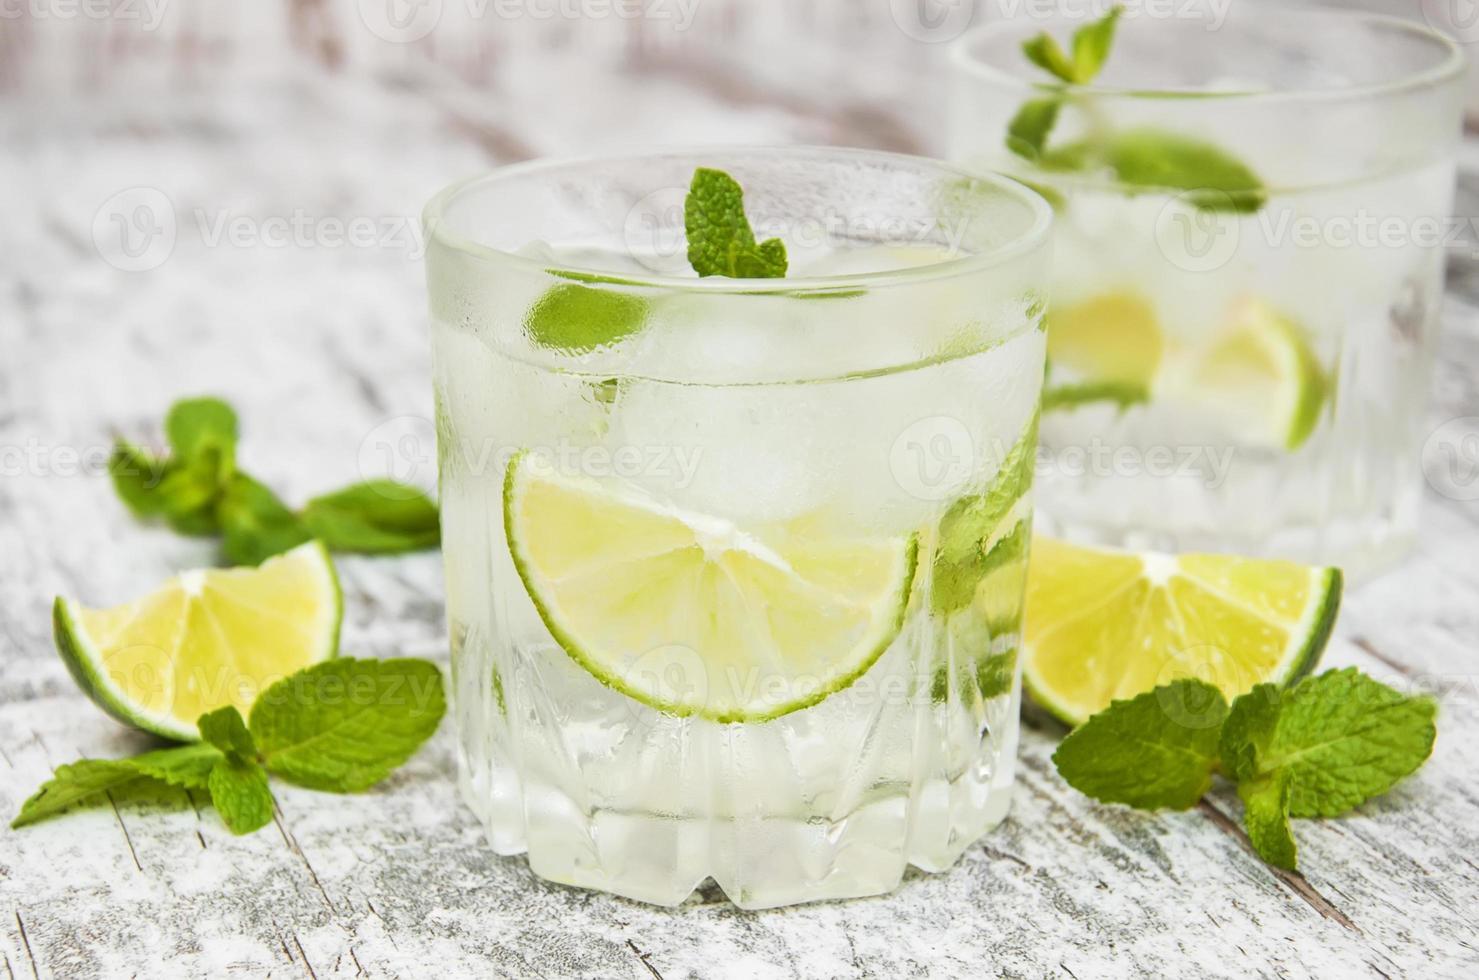 boisson fraîche à la limonade fraîche photo